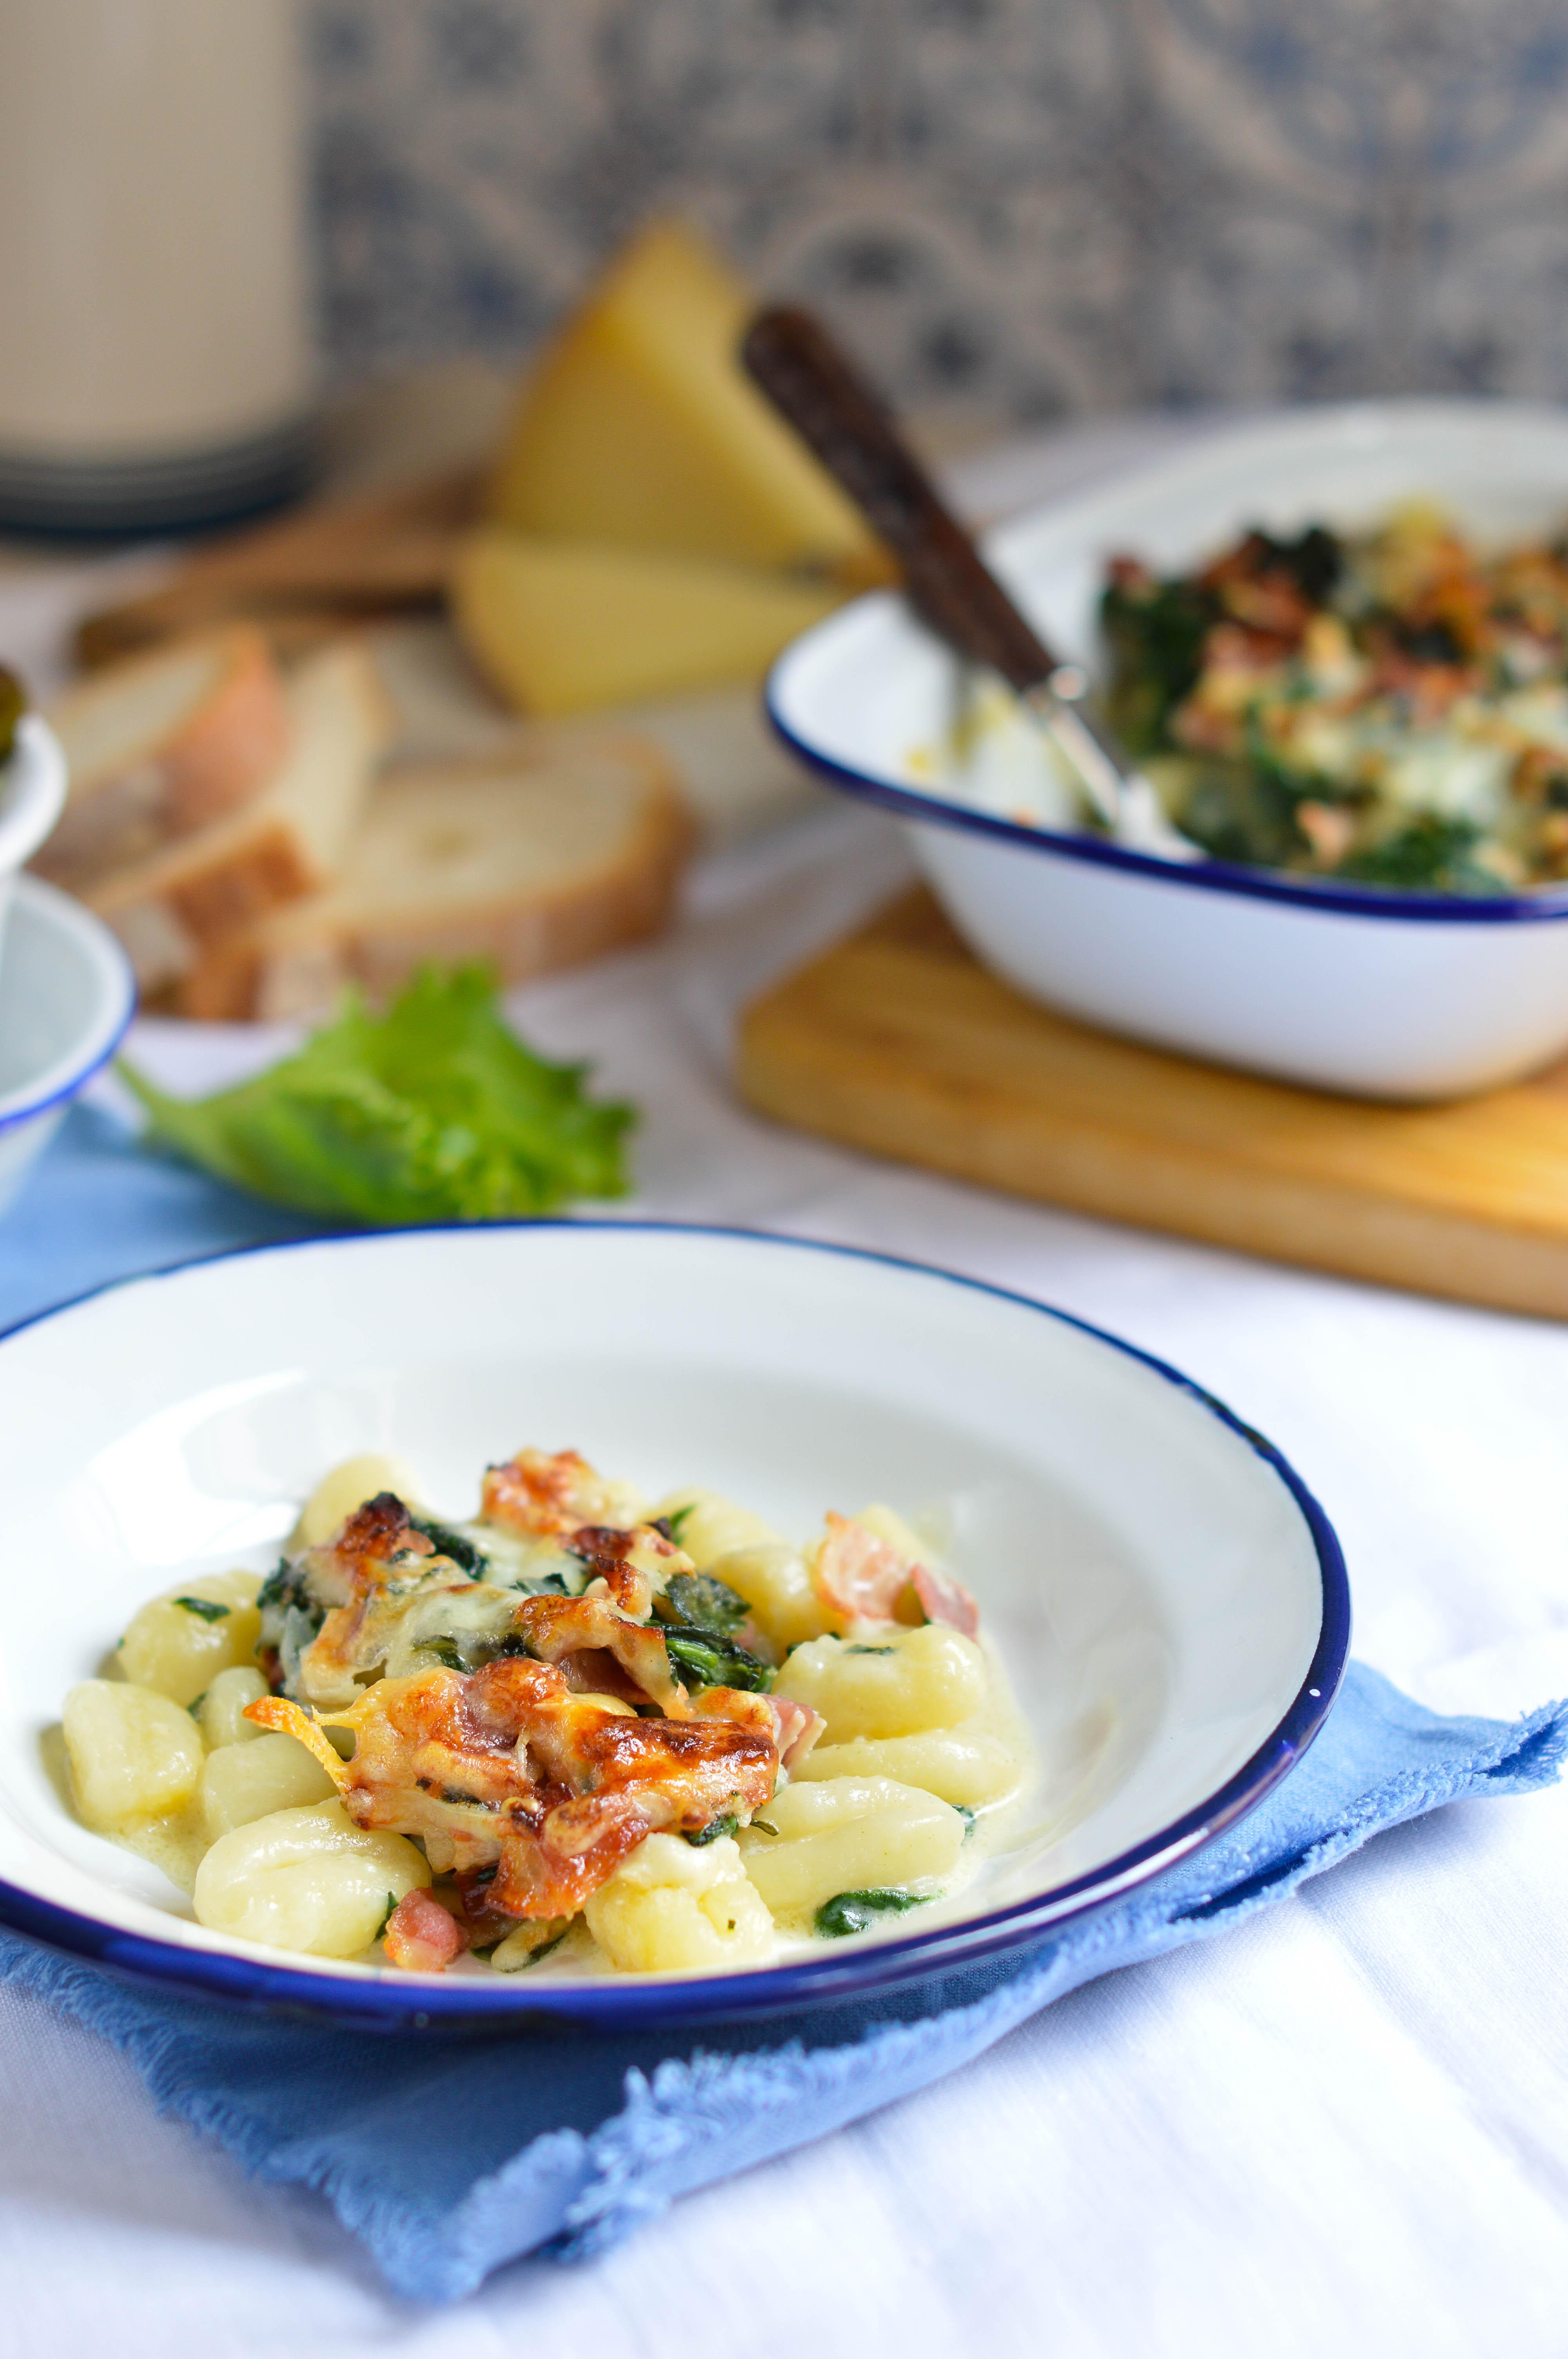 ñoquis gratinados queso manchego y espinacas emplatado